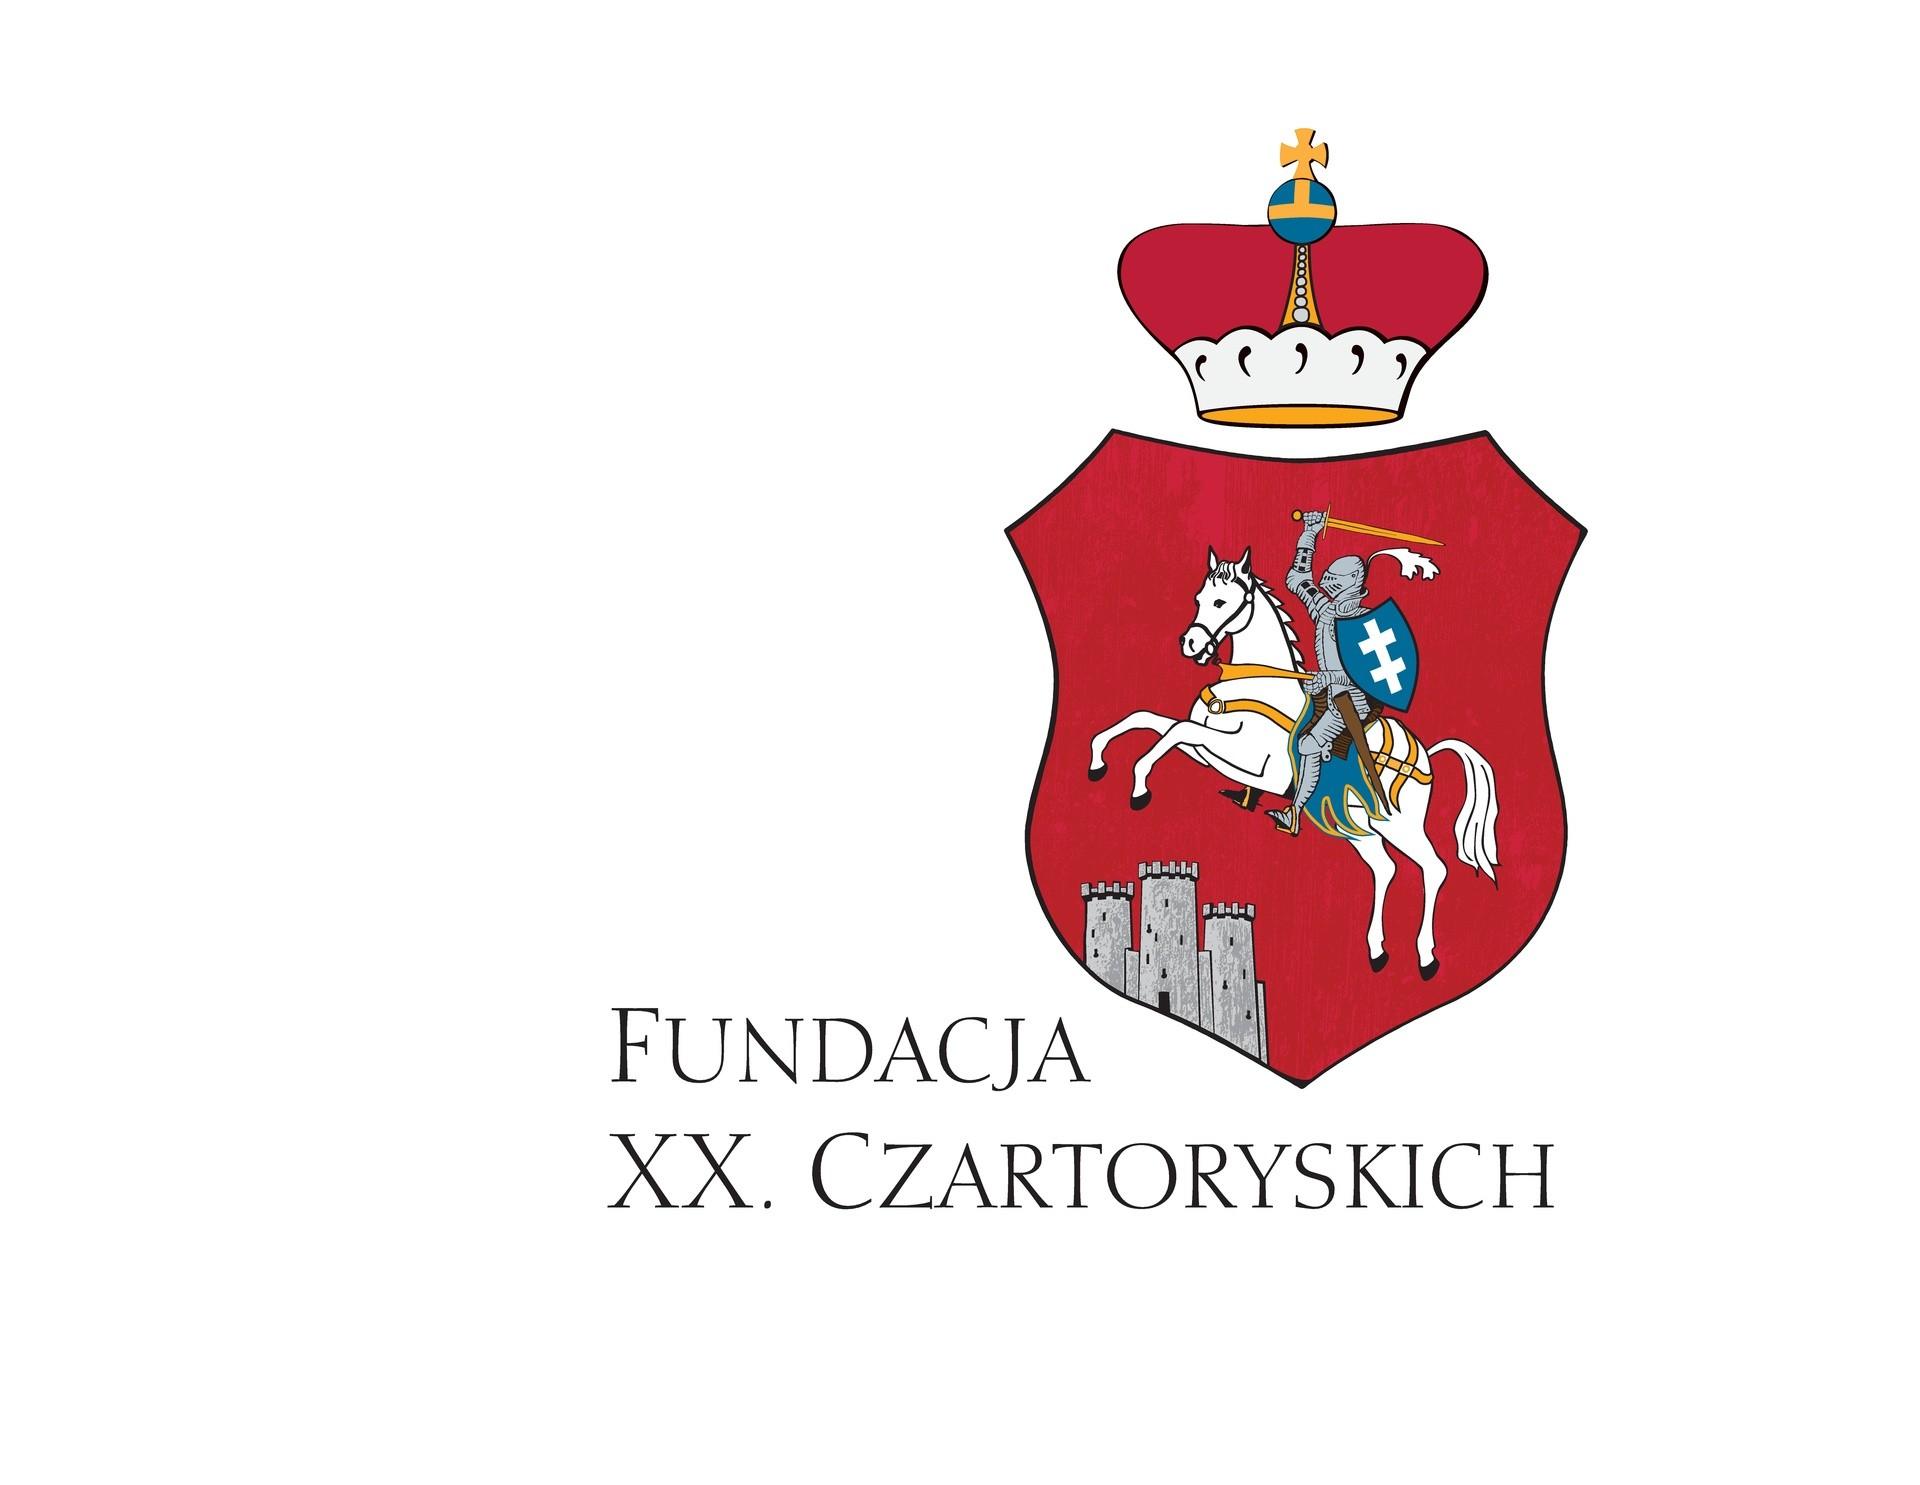 Fundacja Czartoryskich